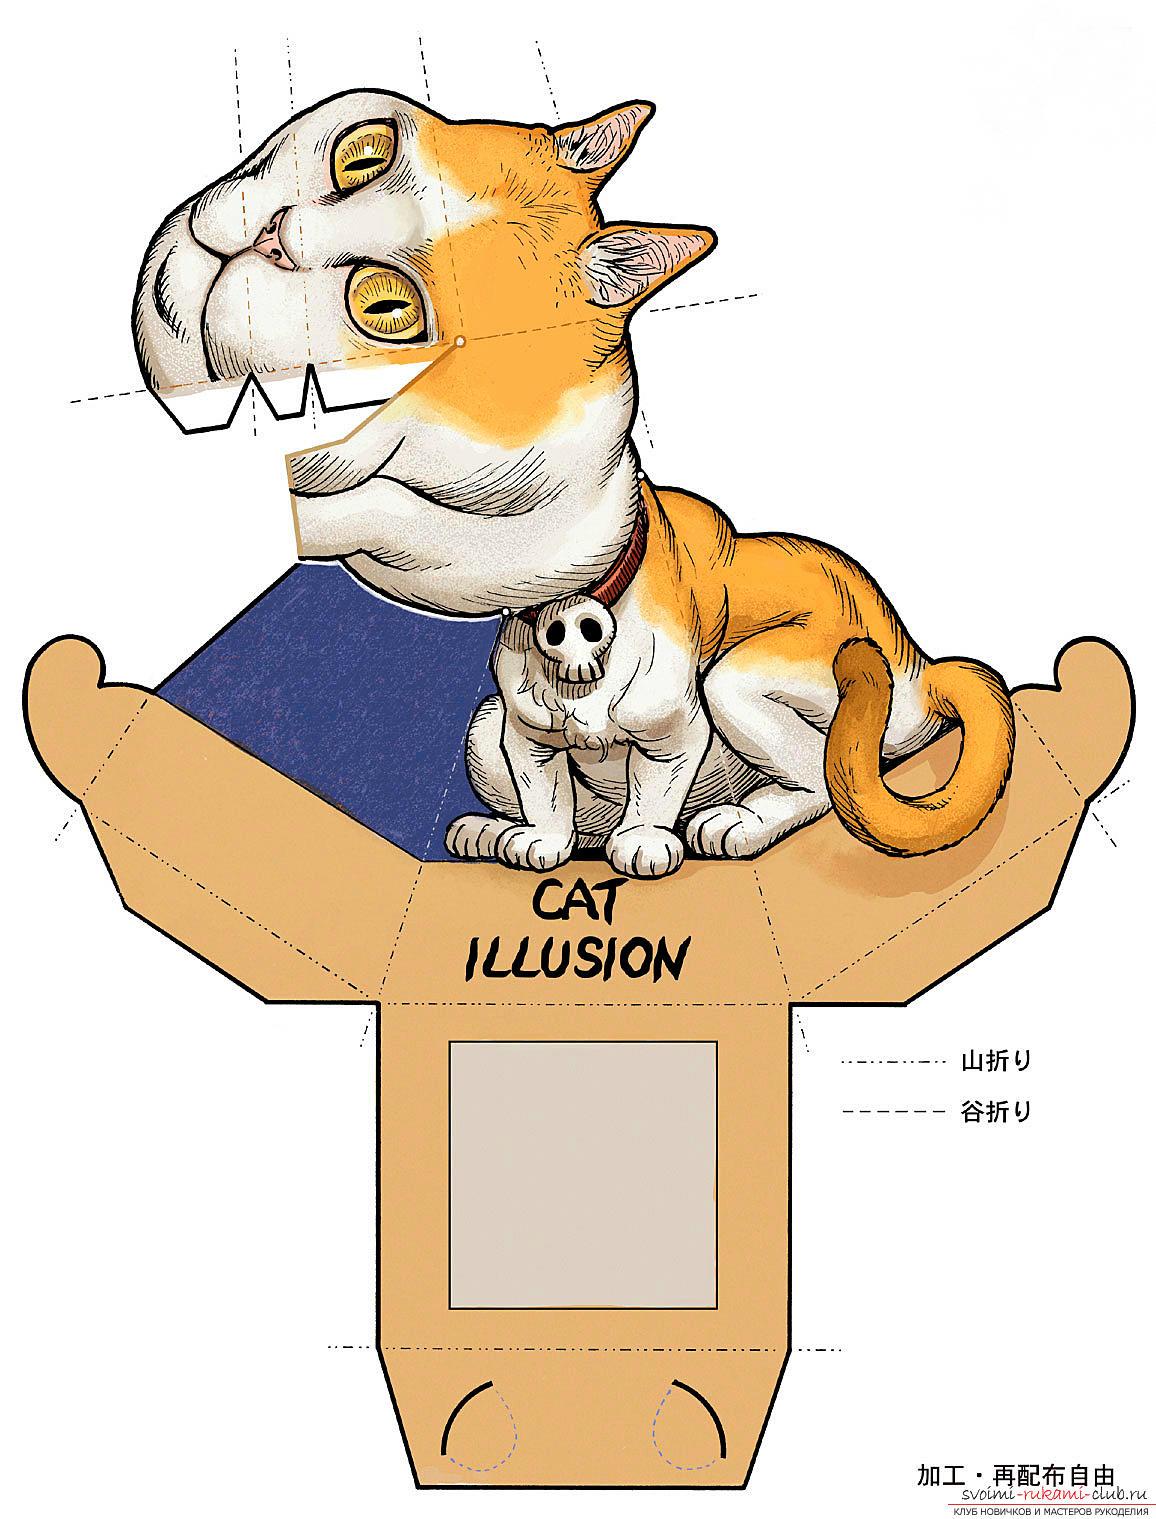 Как сделать иллюзию дракон